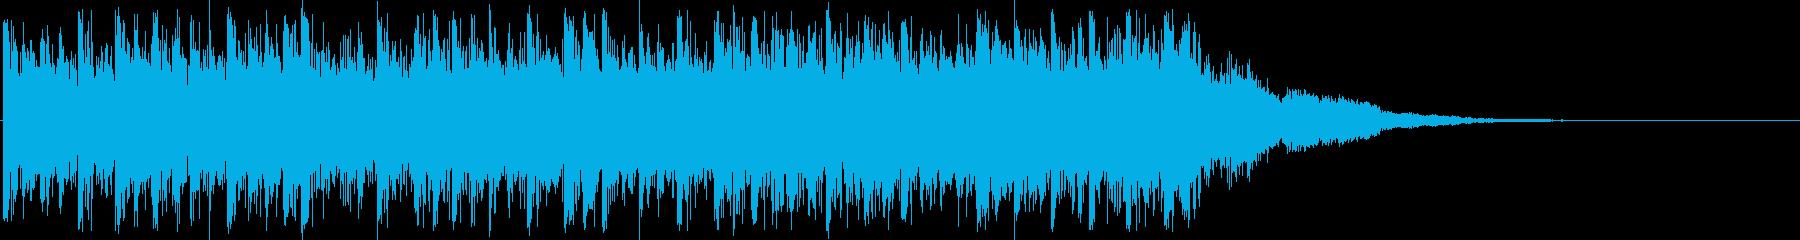 緊迫緊迫の疾走トランス アイキャッチの再生済みの波形